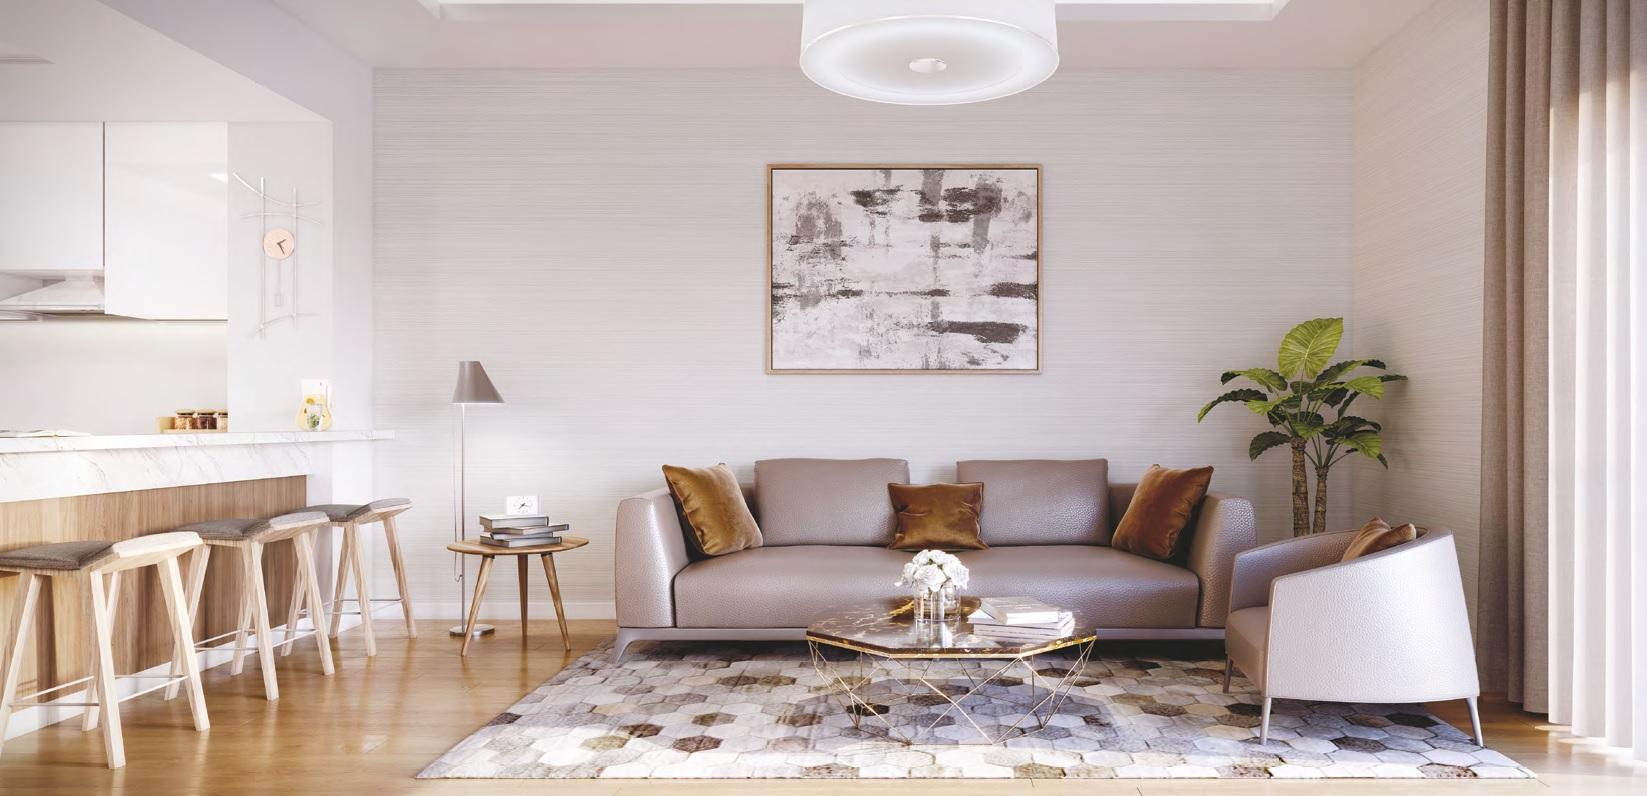 للبيع  ارخص شقة للبيع بدبي داون تاون فقط 432  الف درهم وبالاقساط 3adaaf88e528518